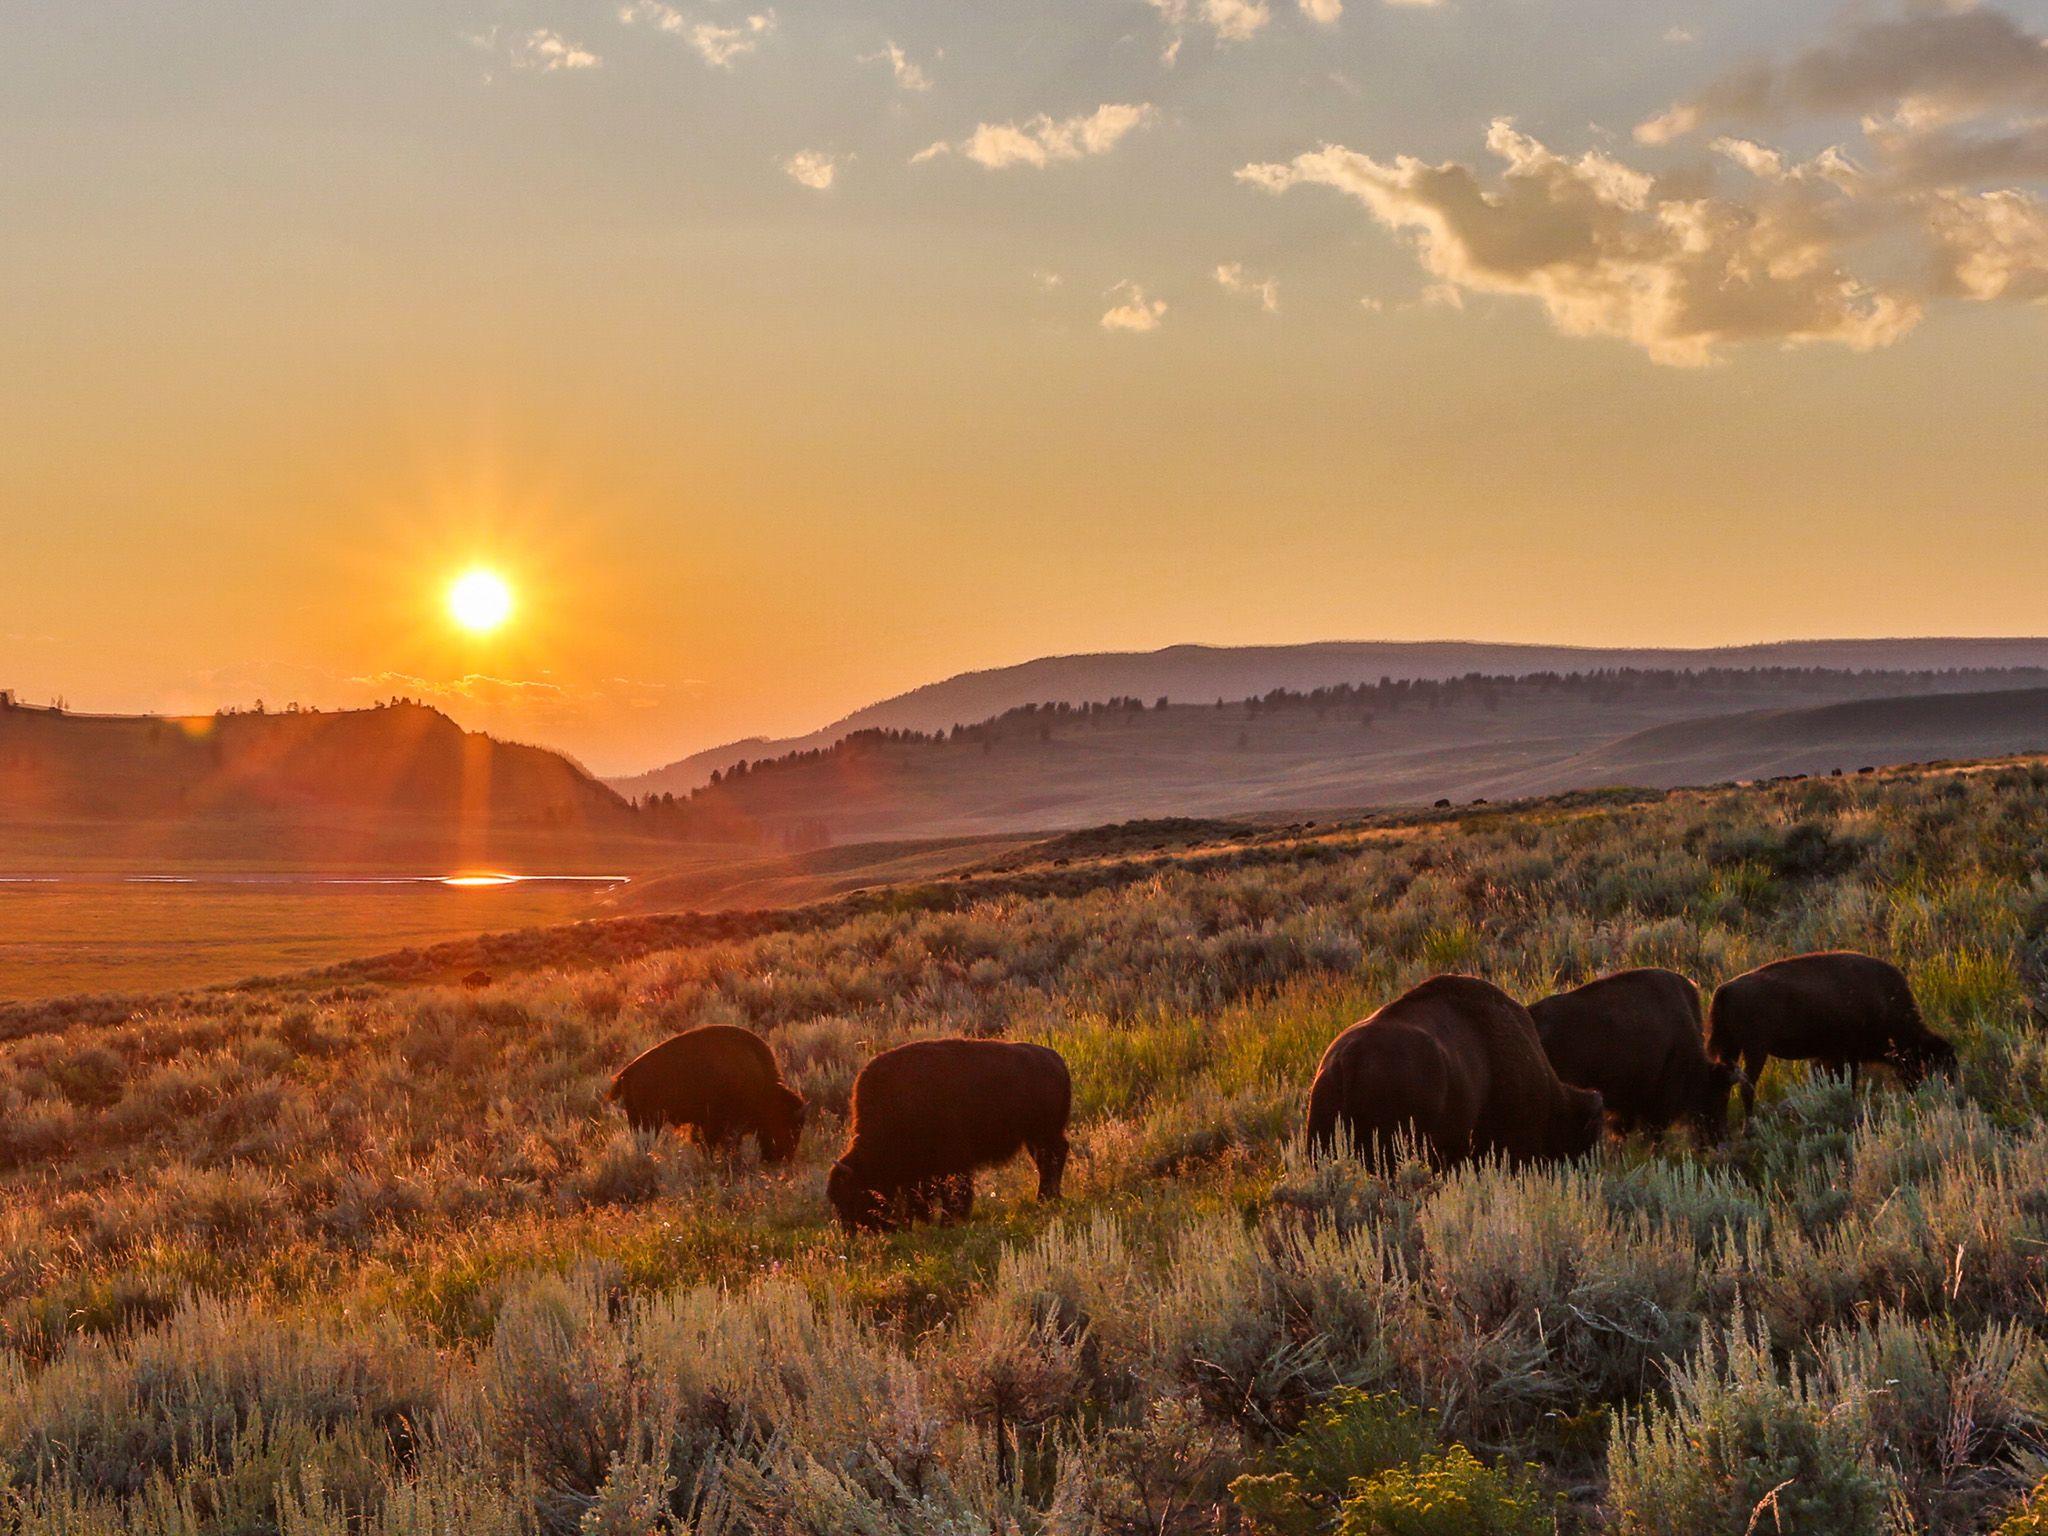 Manada de bisontes en Yellowstone [Foto del día - abril 2015]